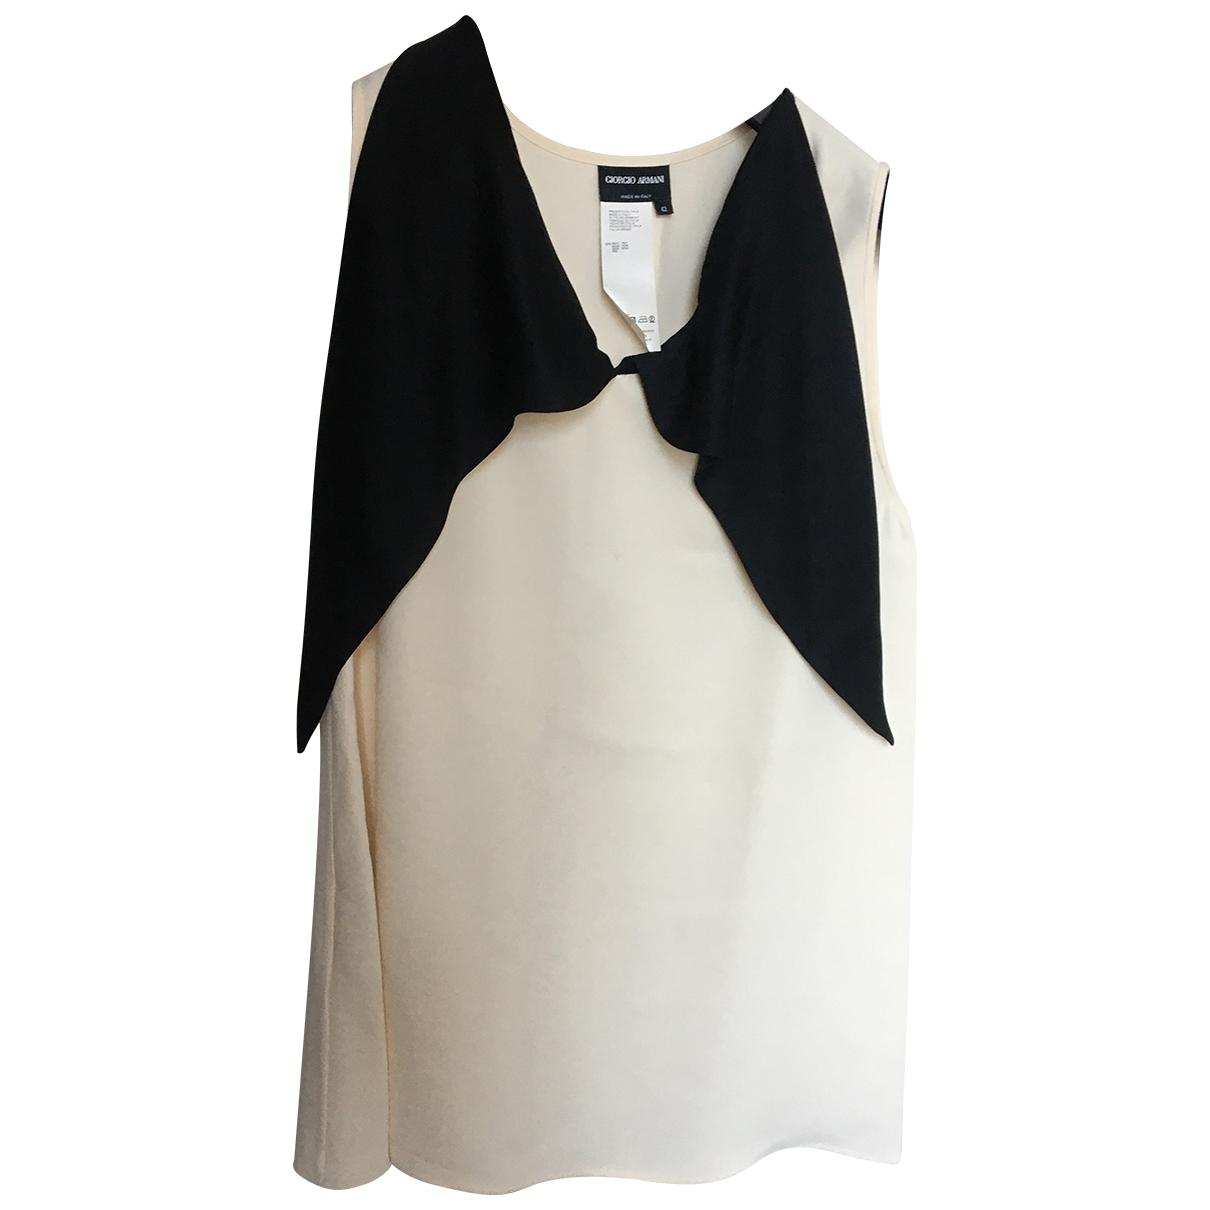 Camiseta sin mangas de Seda Giorgio Armani